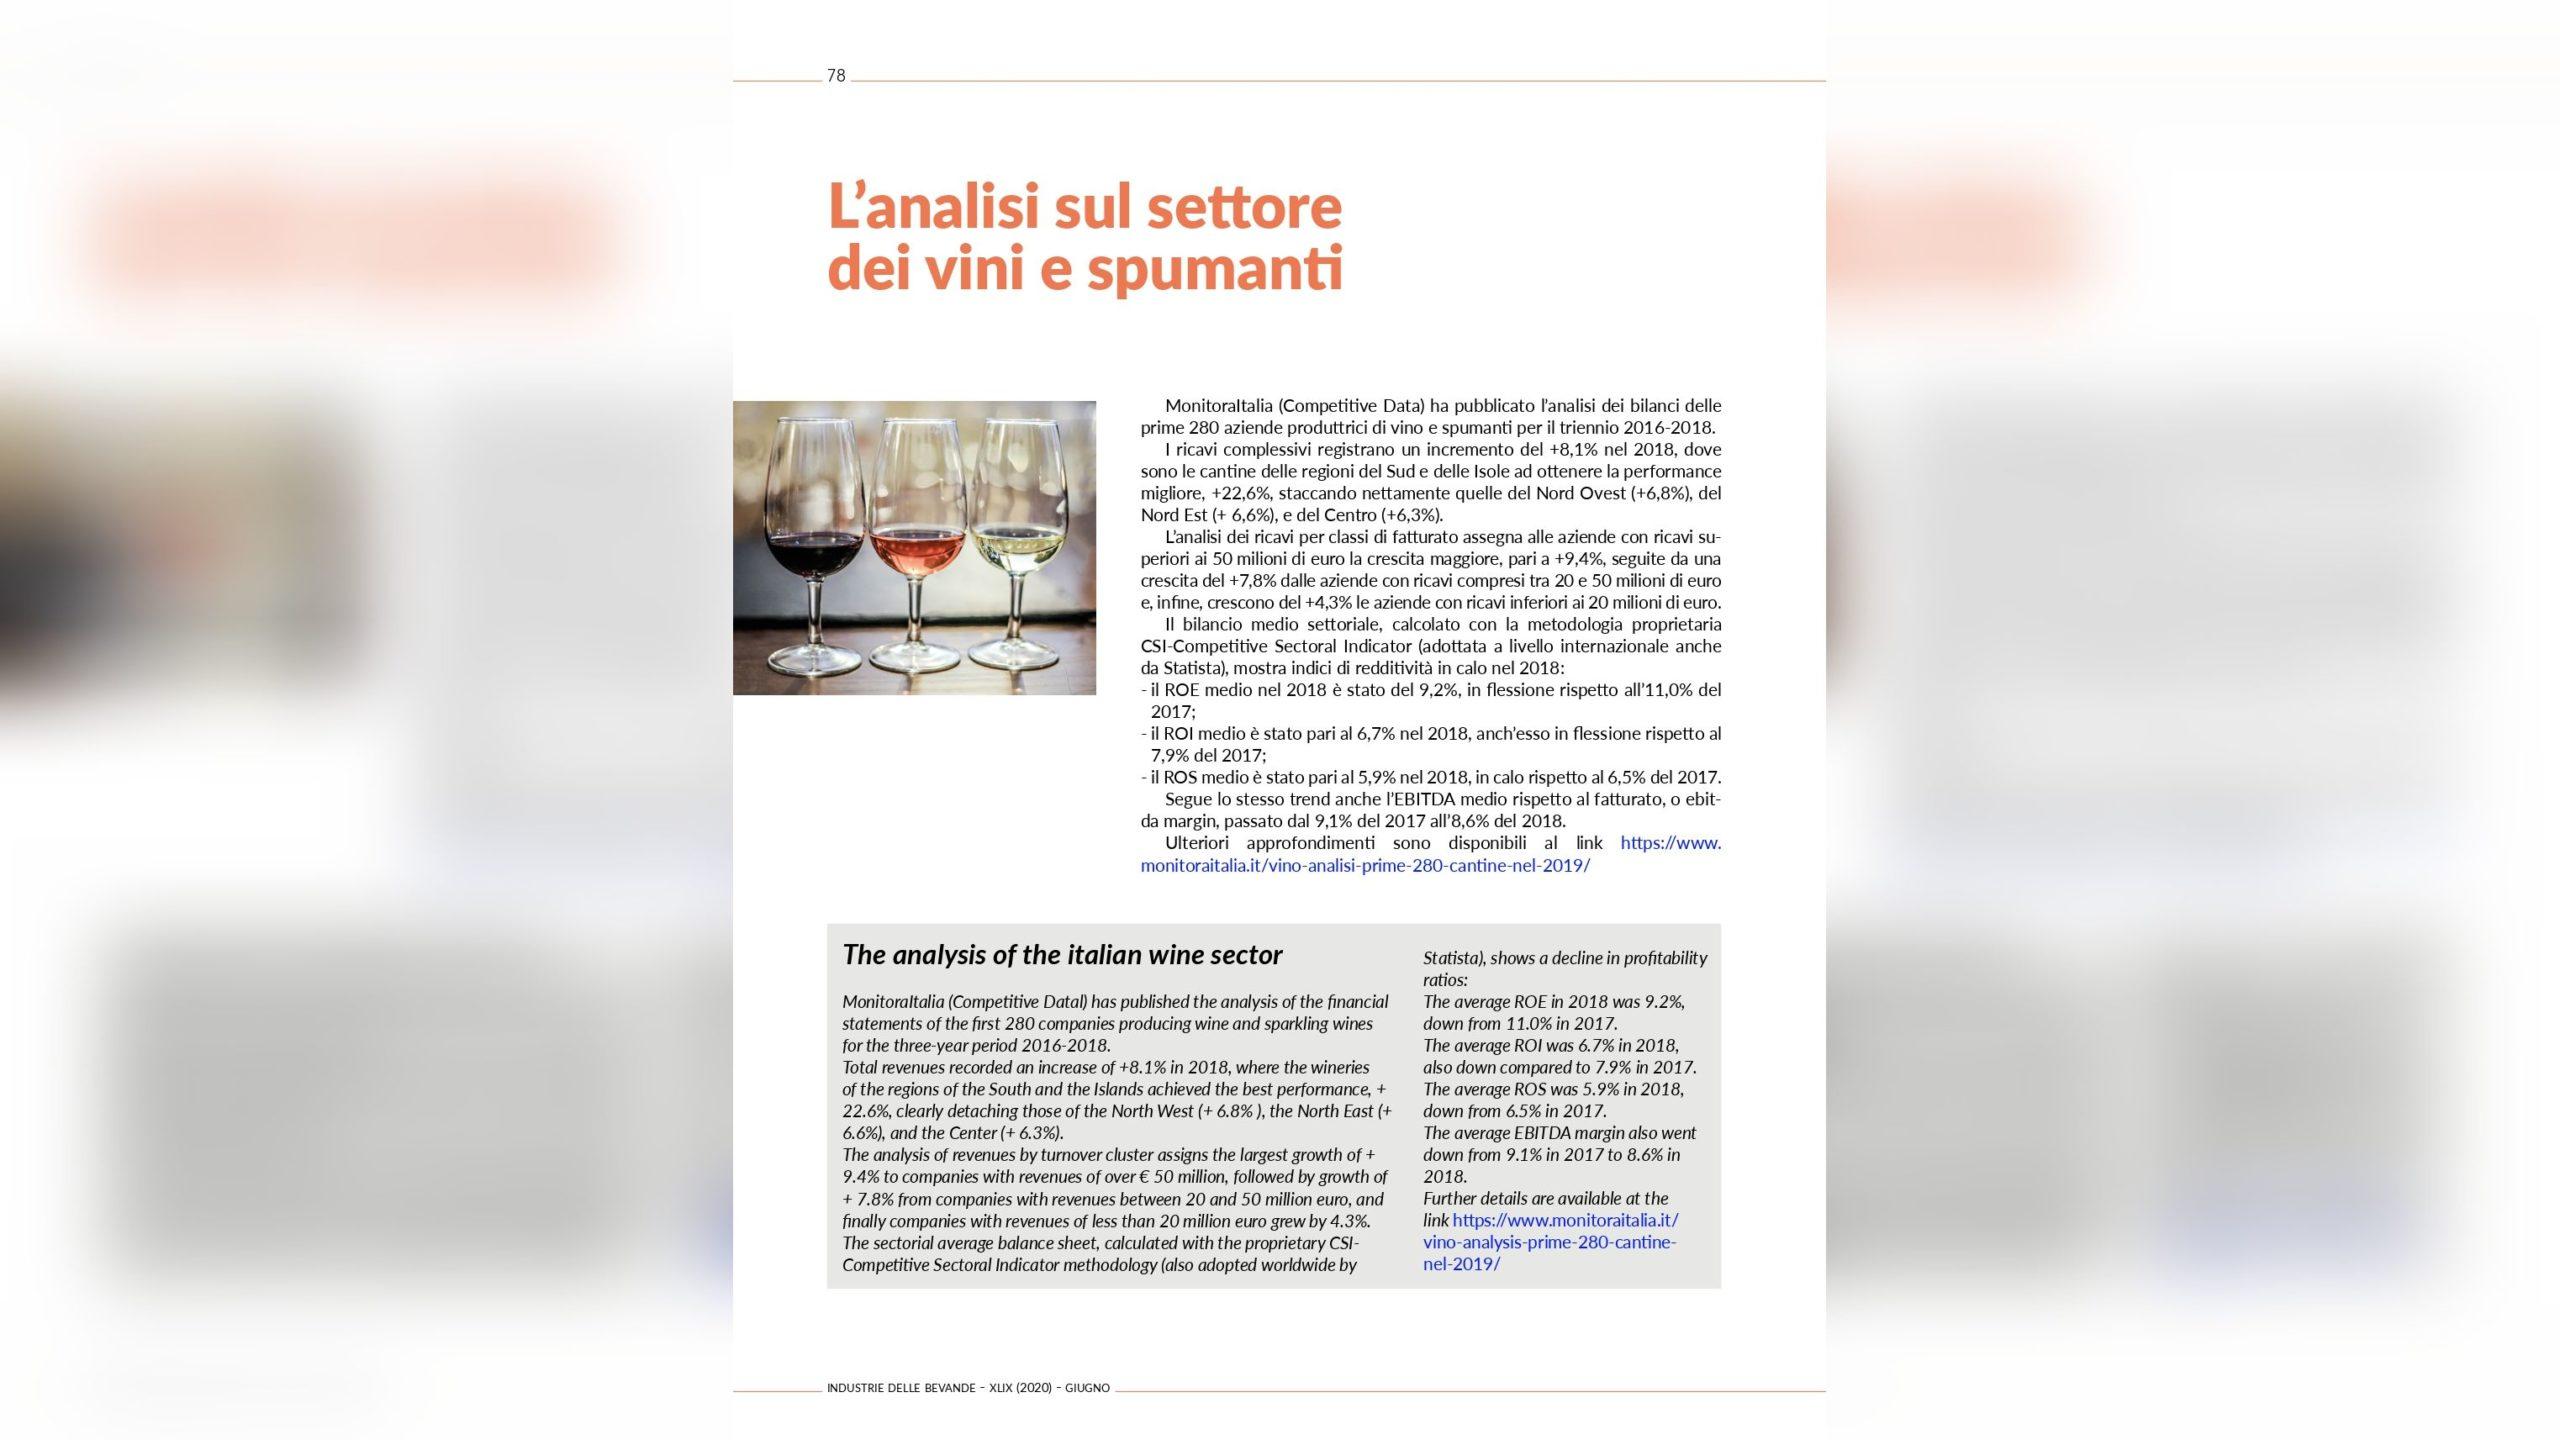 L'analisi del settore dei vini di Competitive Data sulla rivista Industrie delle Bevande